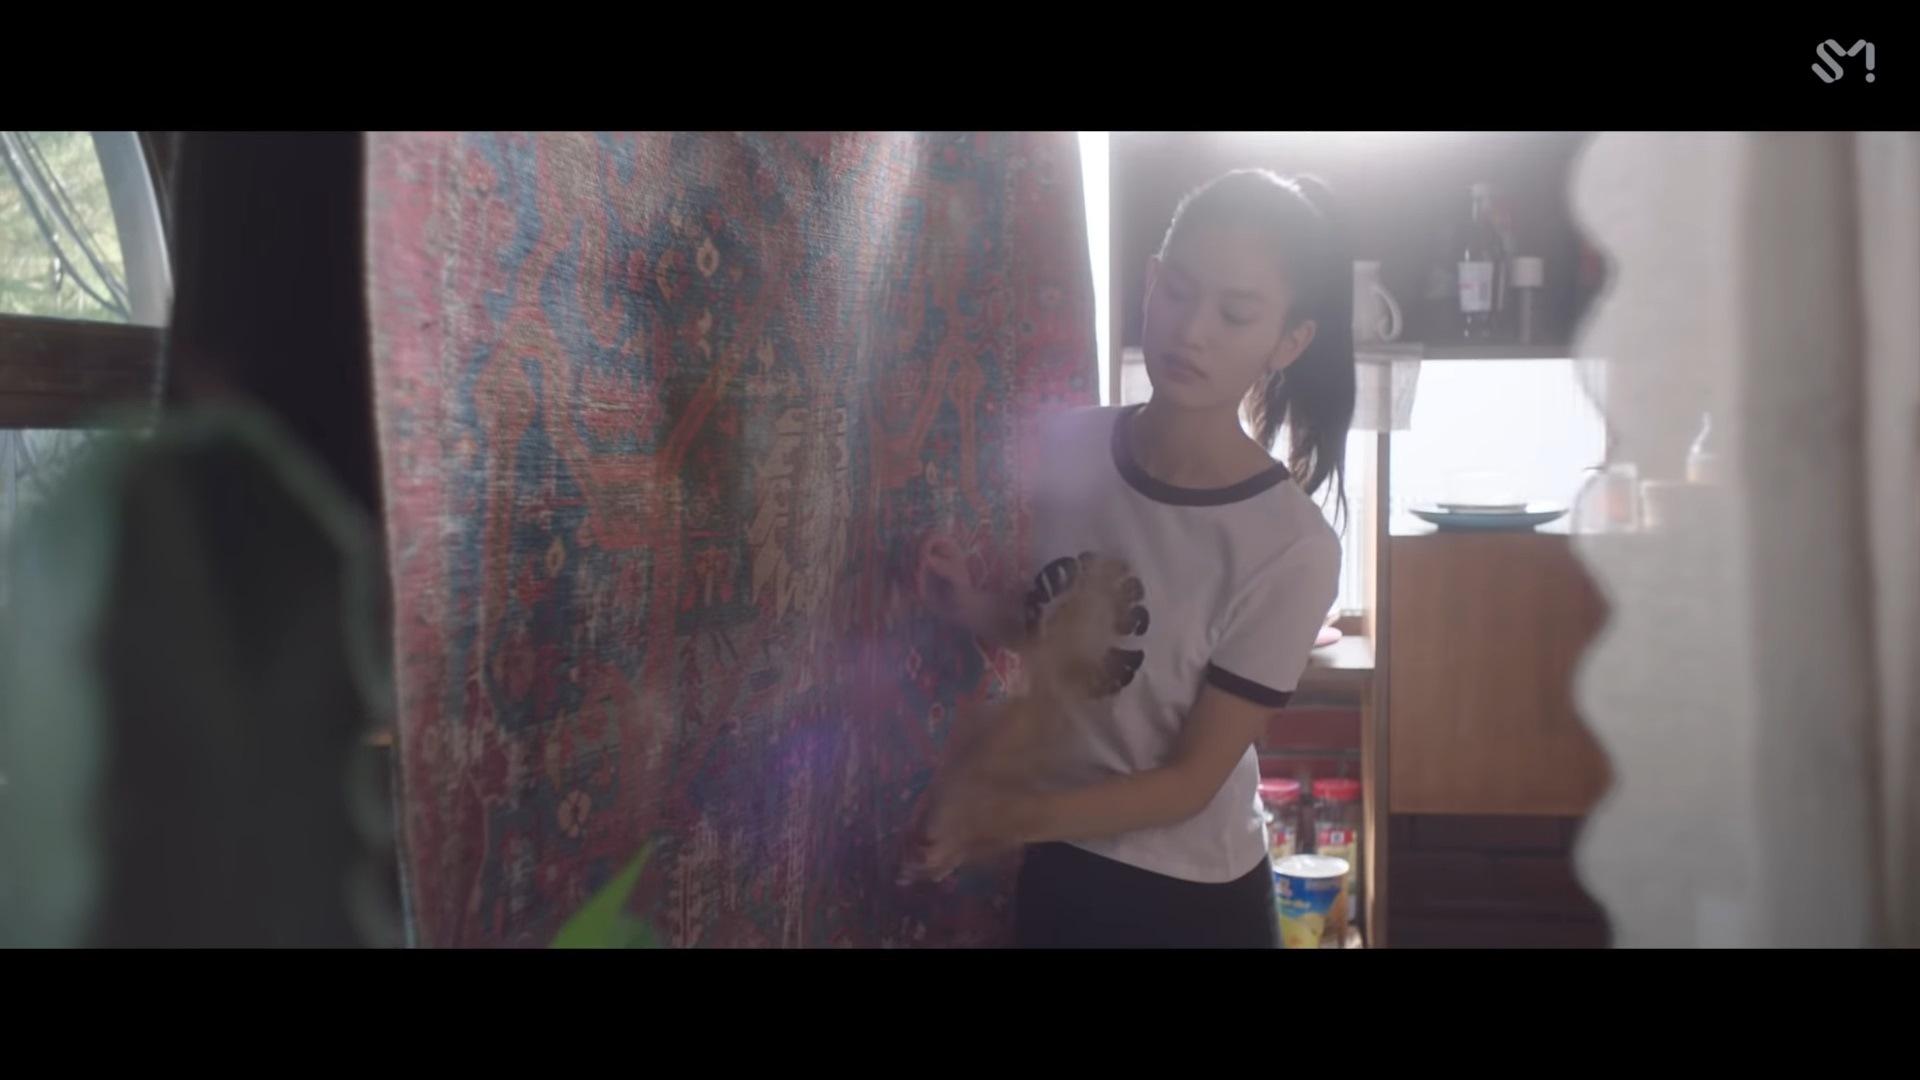 《Carpet》是一首溫暖的抒情曲,歌詞要將要向心愛的人給予安慰,而這一次MV也邀請了日本的模特兒兼演員 Tachibana Eri 出演。